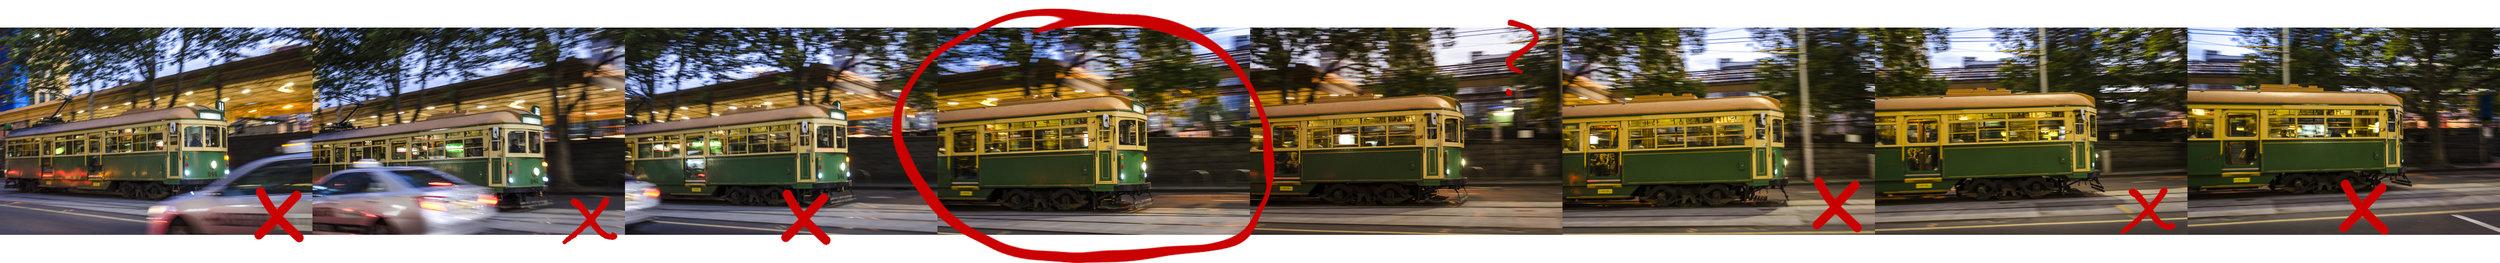 Melbourne W-Class Tram  PHOTOGRAPHY: ALEXANDER J.E. BRADLEY • NIKON D7000 • AF-S NIKKOR 24-70MM Ƒ/2.8G ED @ 34MM • Ƒ/2.8 • 1/25• ISO 800